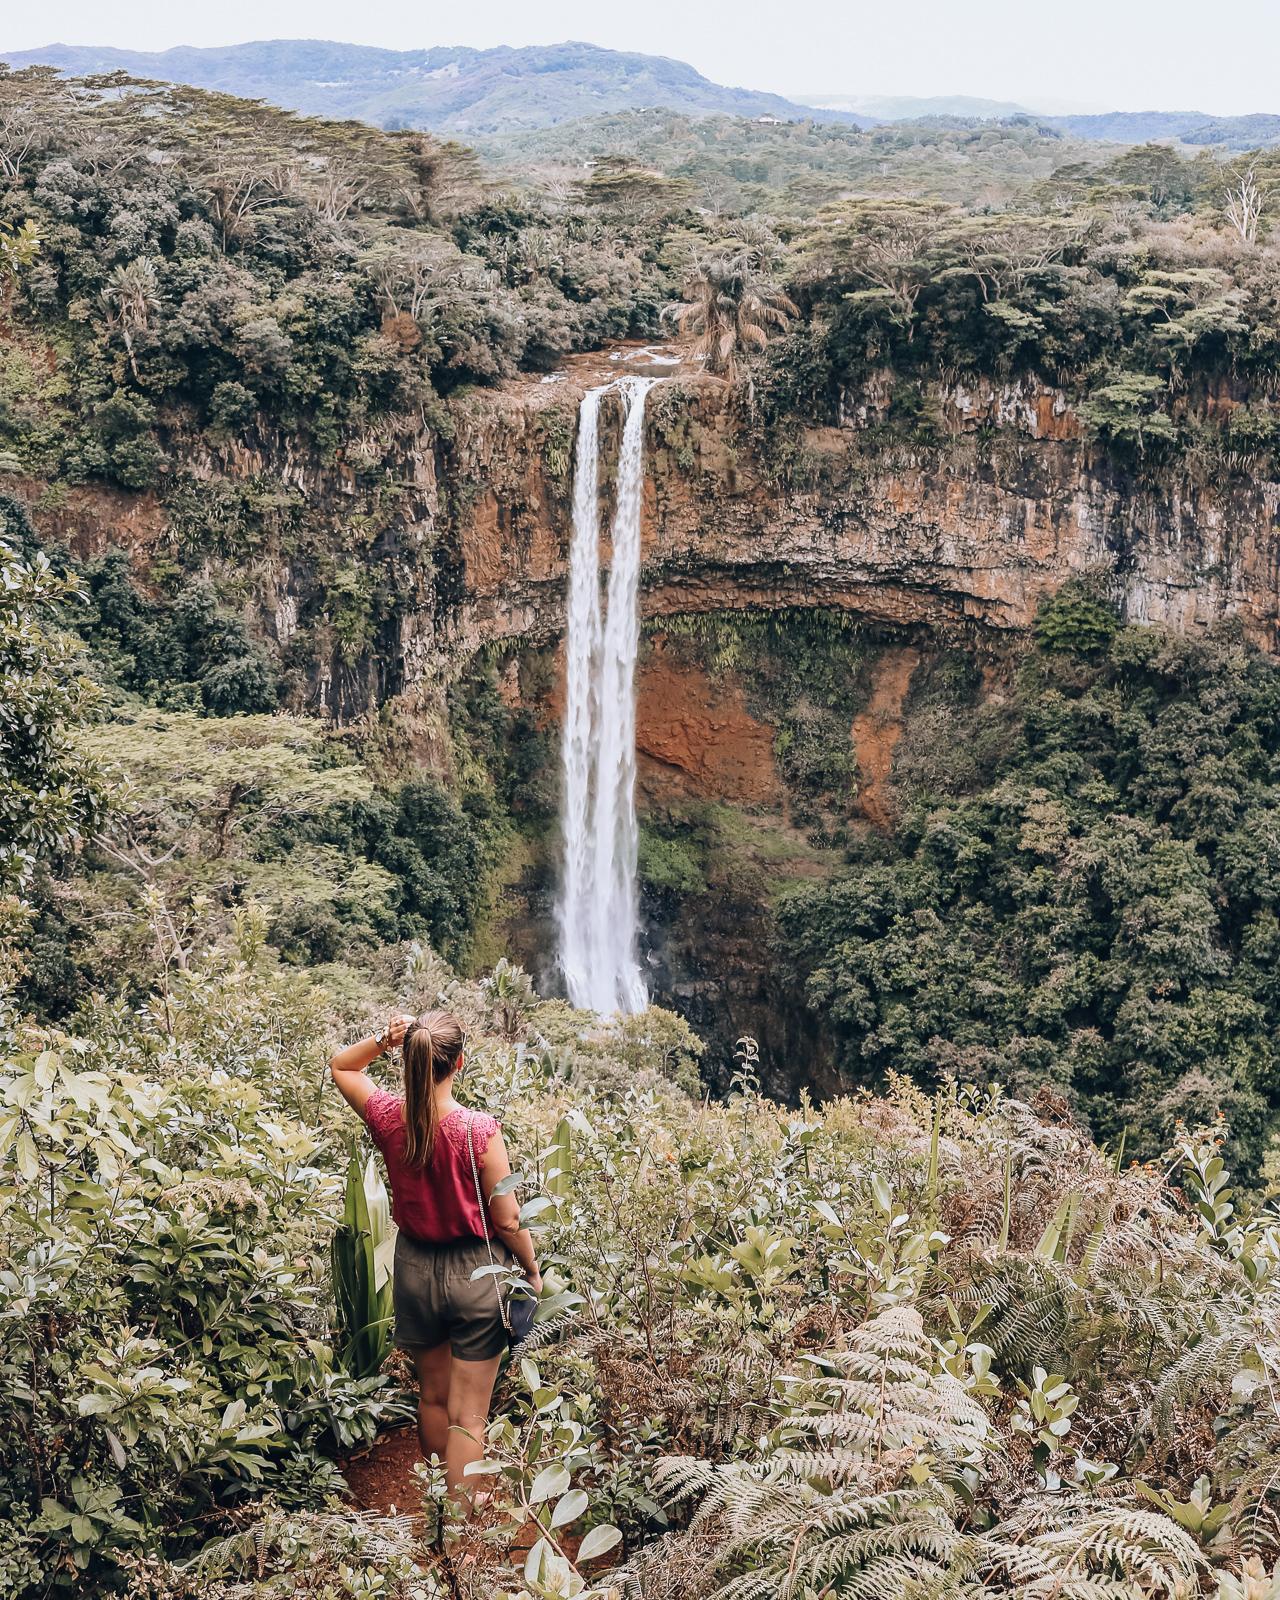 Mauritius Reisebericht - Wissenswertes und Highlights der Trauminsel - Mauritius Reise - Mauritius Sehenswürdigkeiten - Mauritius Flitterwochen - Traumreise - Paradies - schönste Insel - Traumurlaub -Tipps für Mauritius - Mauritus Reiseführer - Mauritius Travel Guide - Black River Gorges Nationalpark - Chamarel Waterfall - Wasserfall auf Mauritius - Fashionladyloves by Tamara